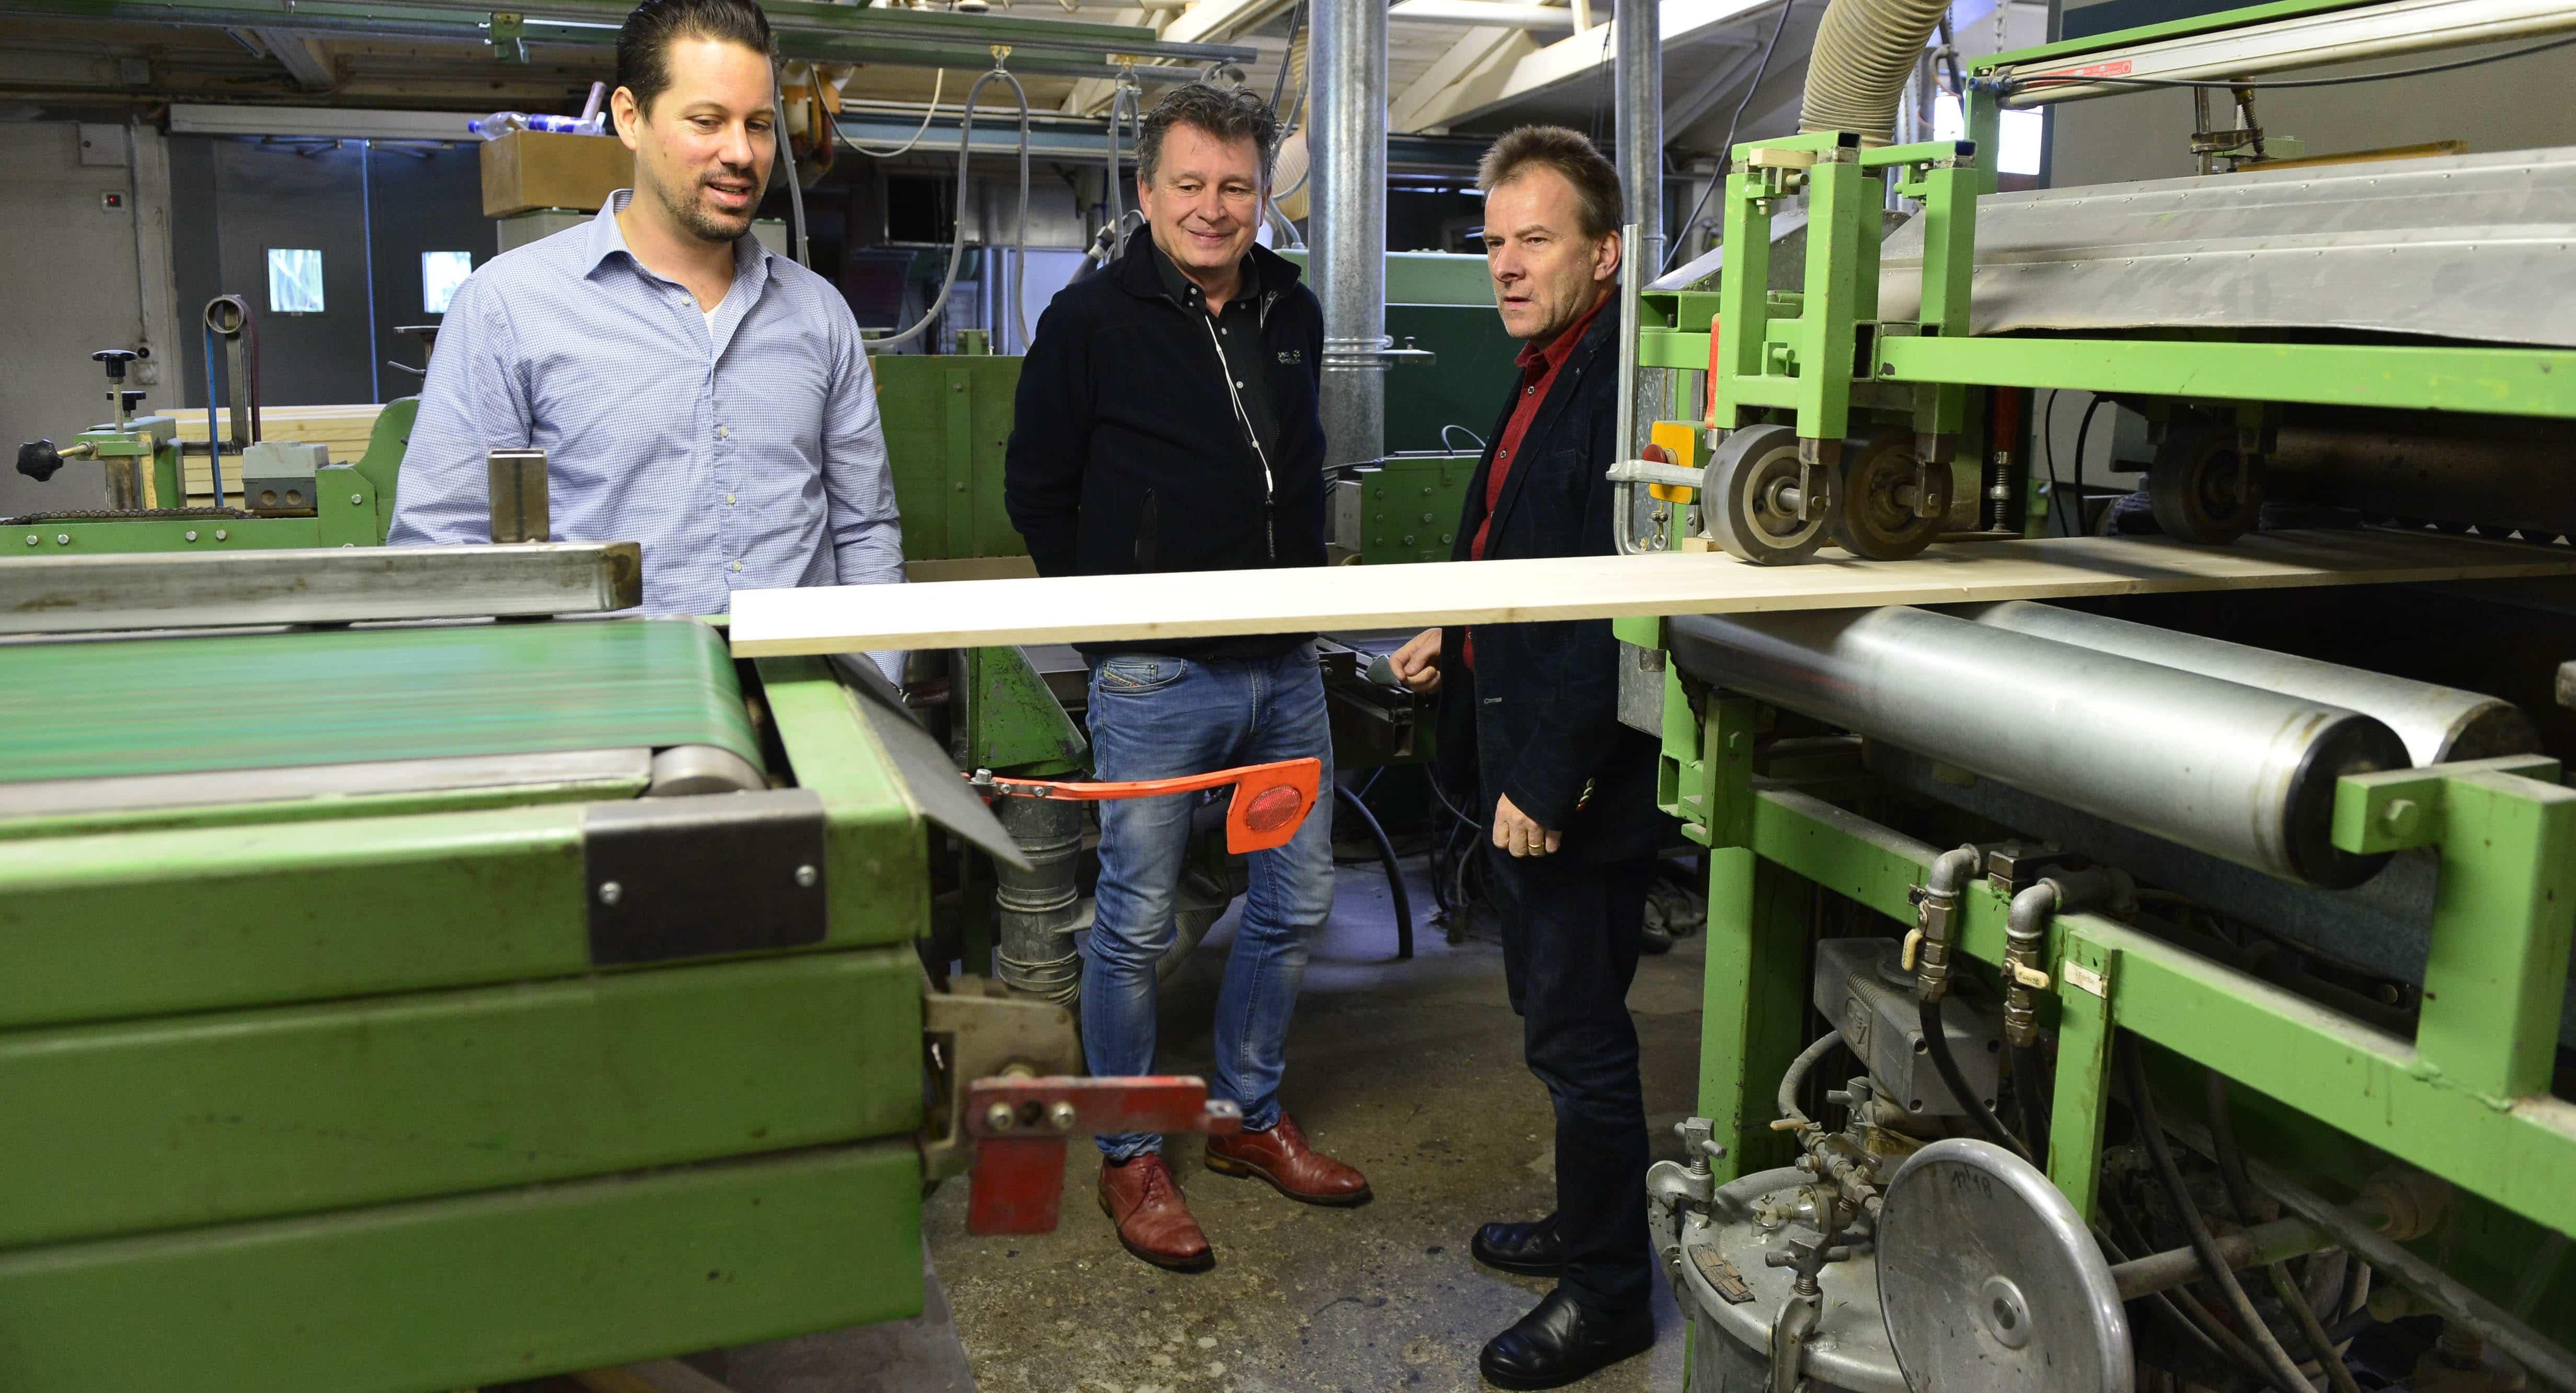 Nicolas Gehrig (l.) und Martin Schuppli zusammen mit Sargfabrikant und Bestatter Urs Gerber (r.)